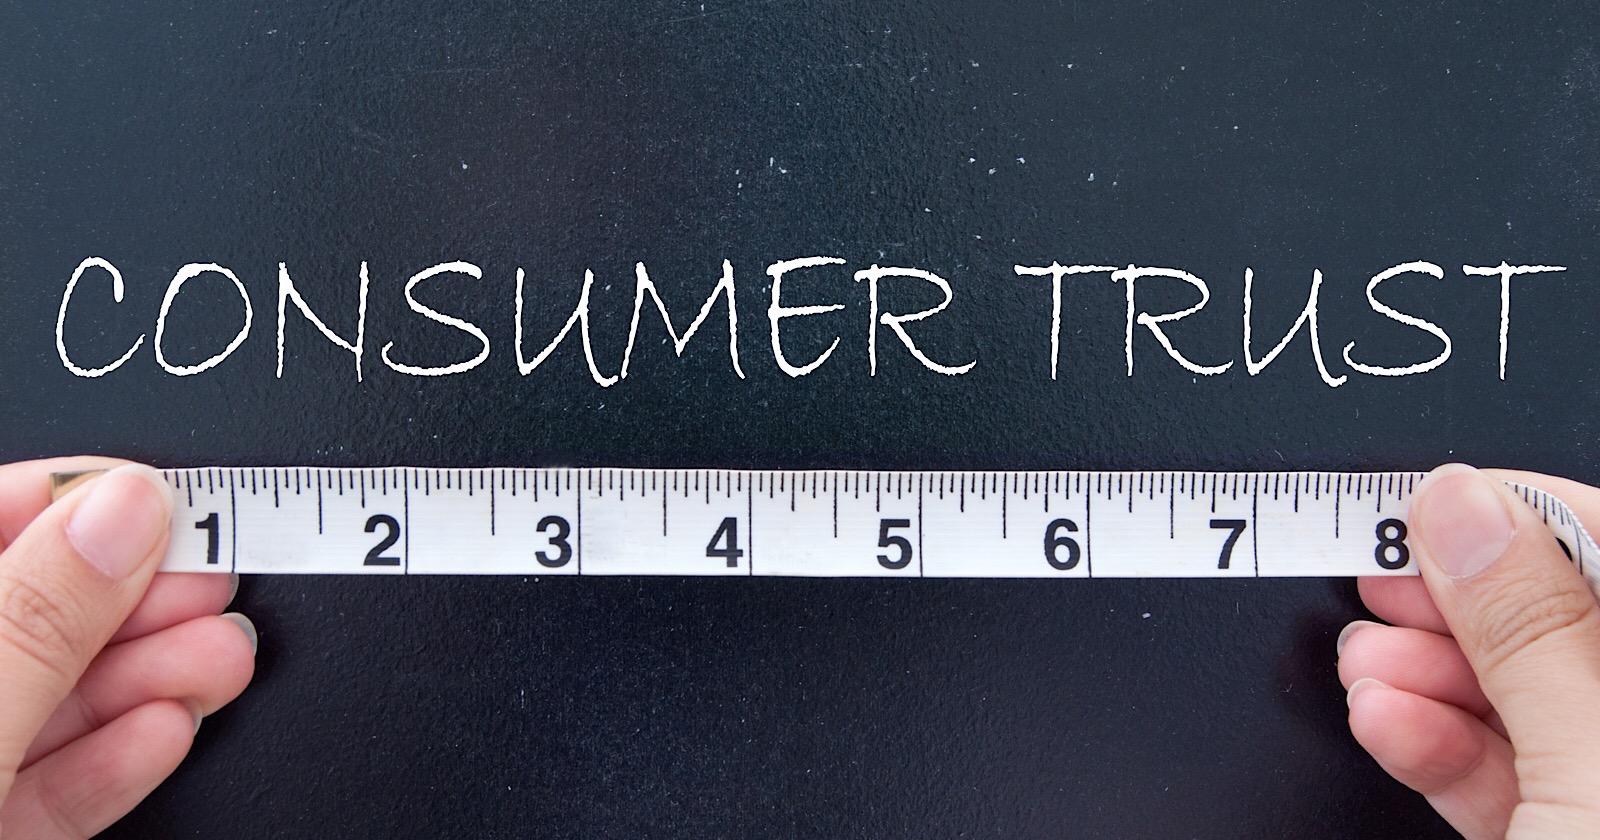 Seulement 50% des consommateurs croient que les résultats de recherche fournissent des informations précises sur les marques